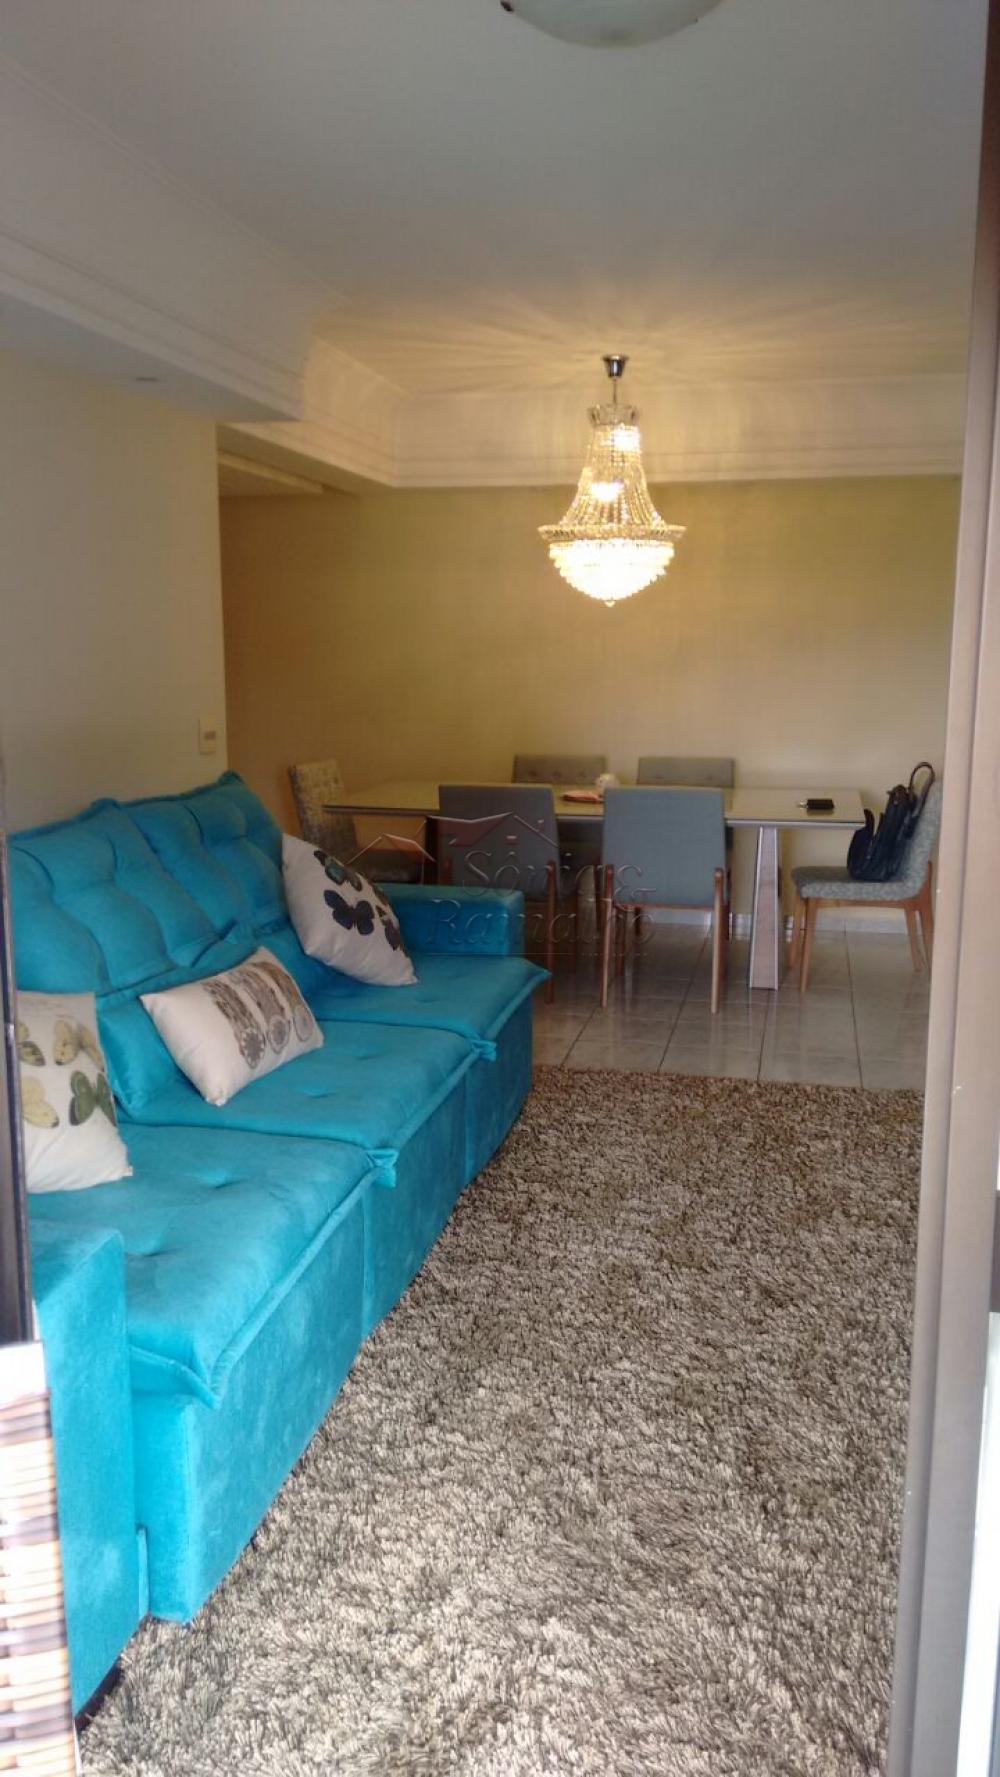 Comprar Apartamentos / Padrão em Ribeirão Preto apenas R$ 590.000,00 - Foto 4